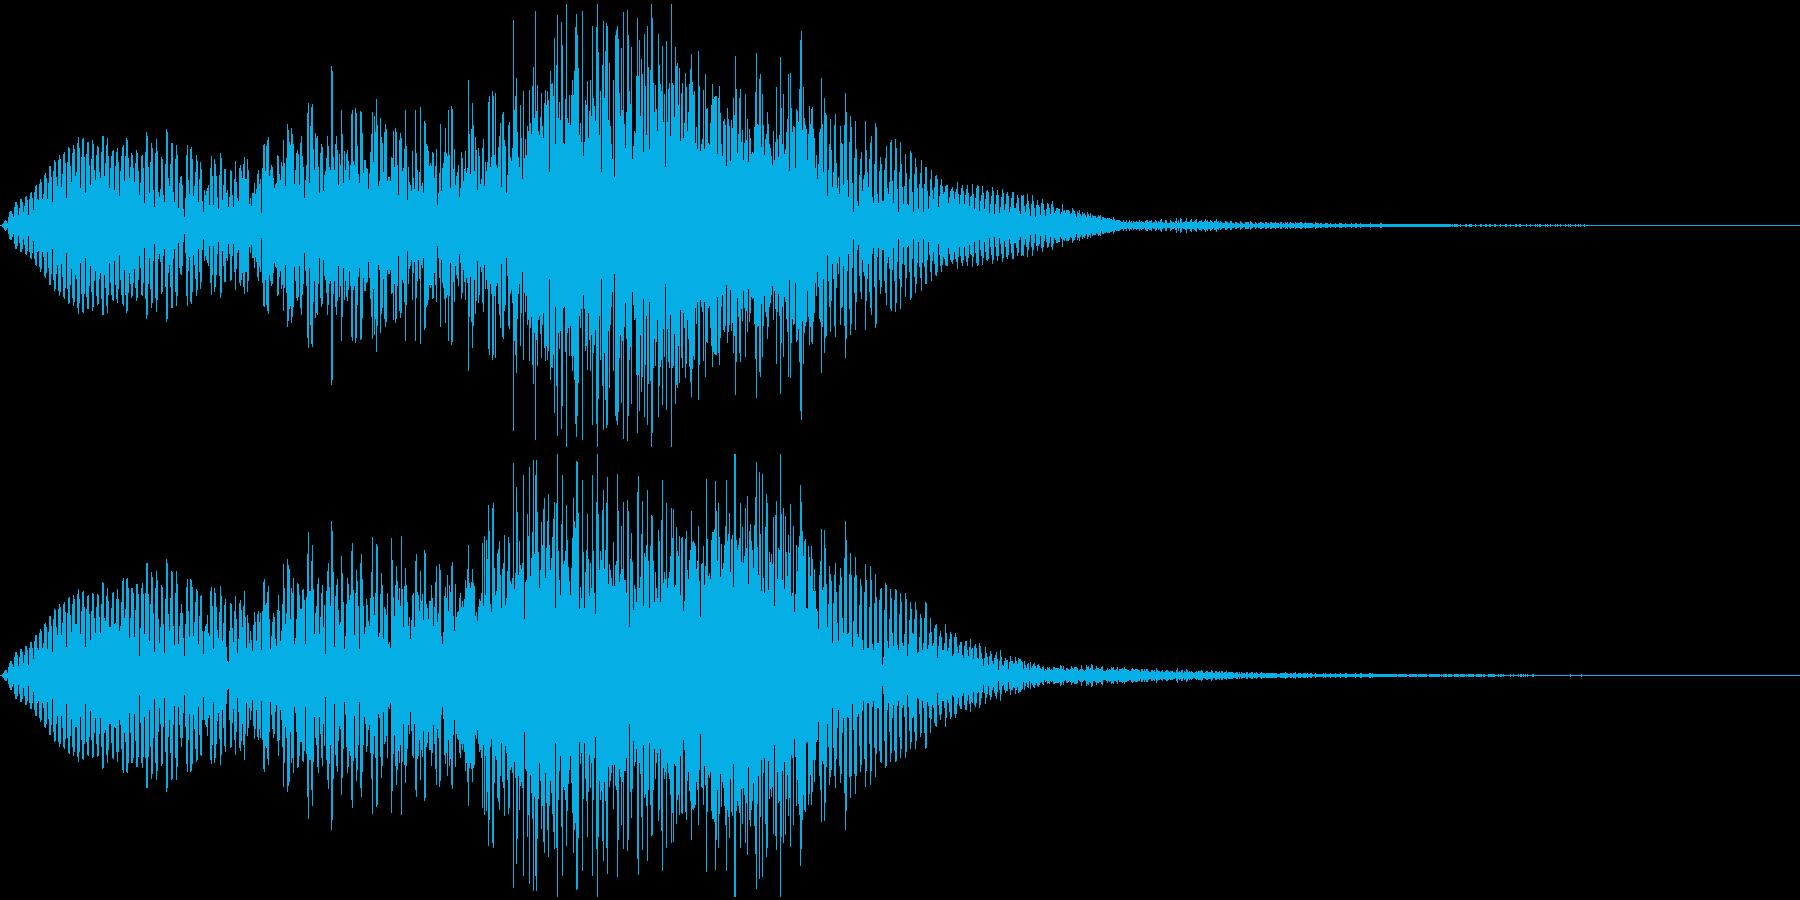 シュワー(起動音・企業サウンドロゴ)の再生済みの波形